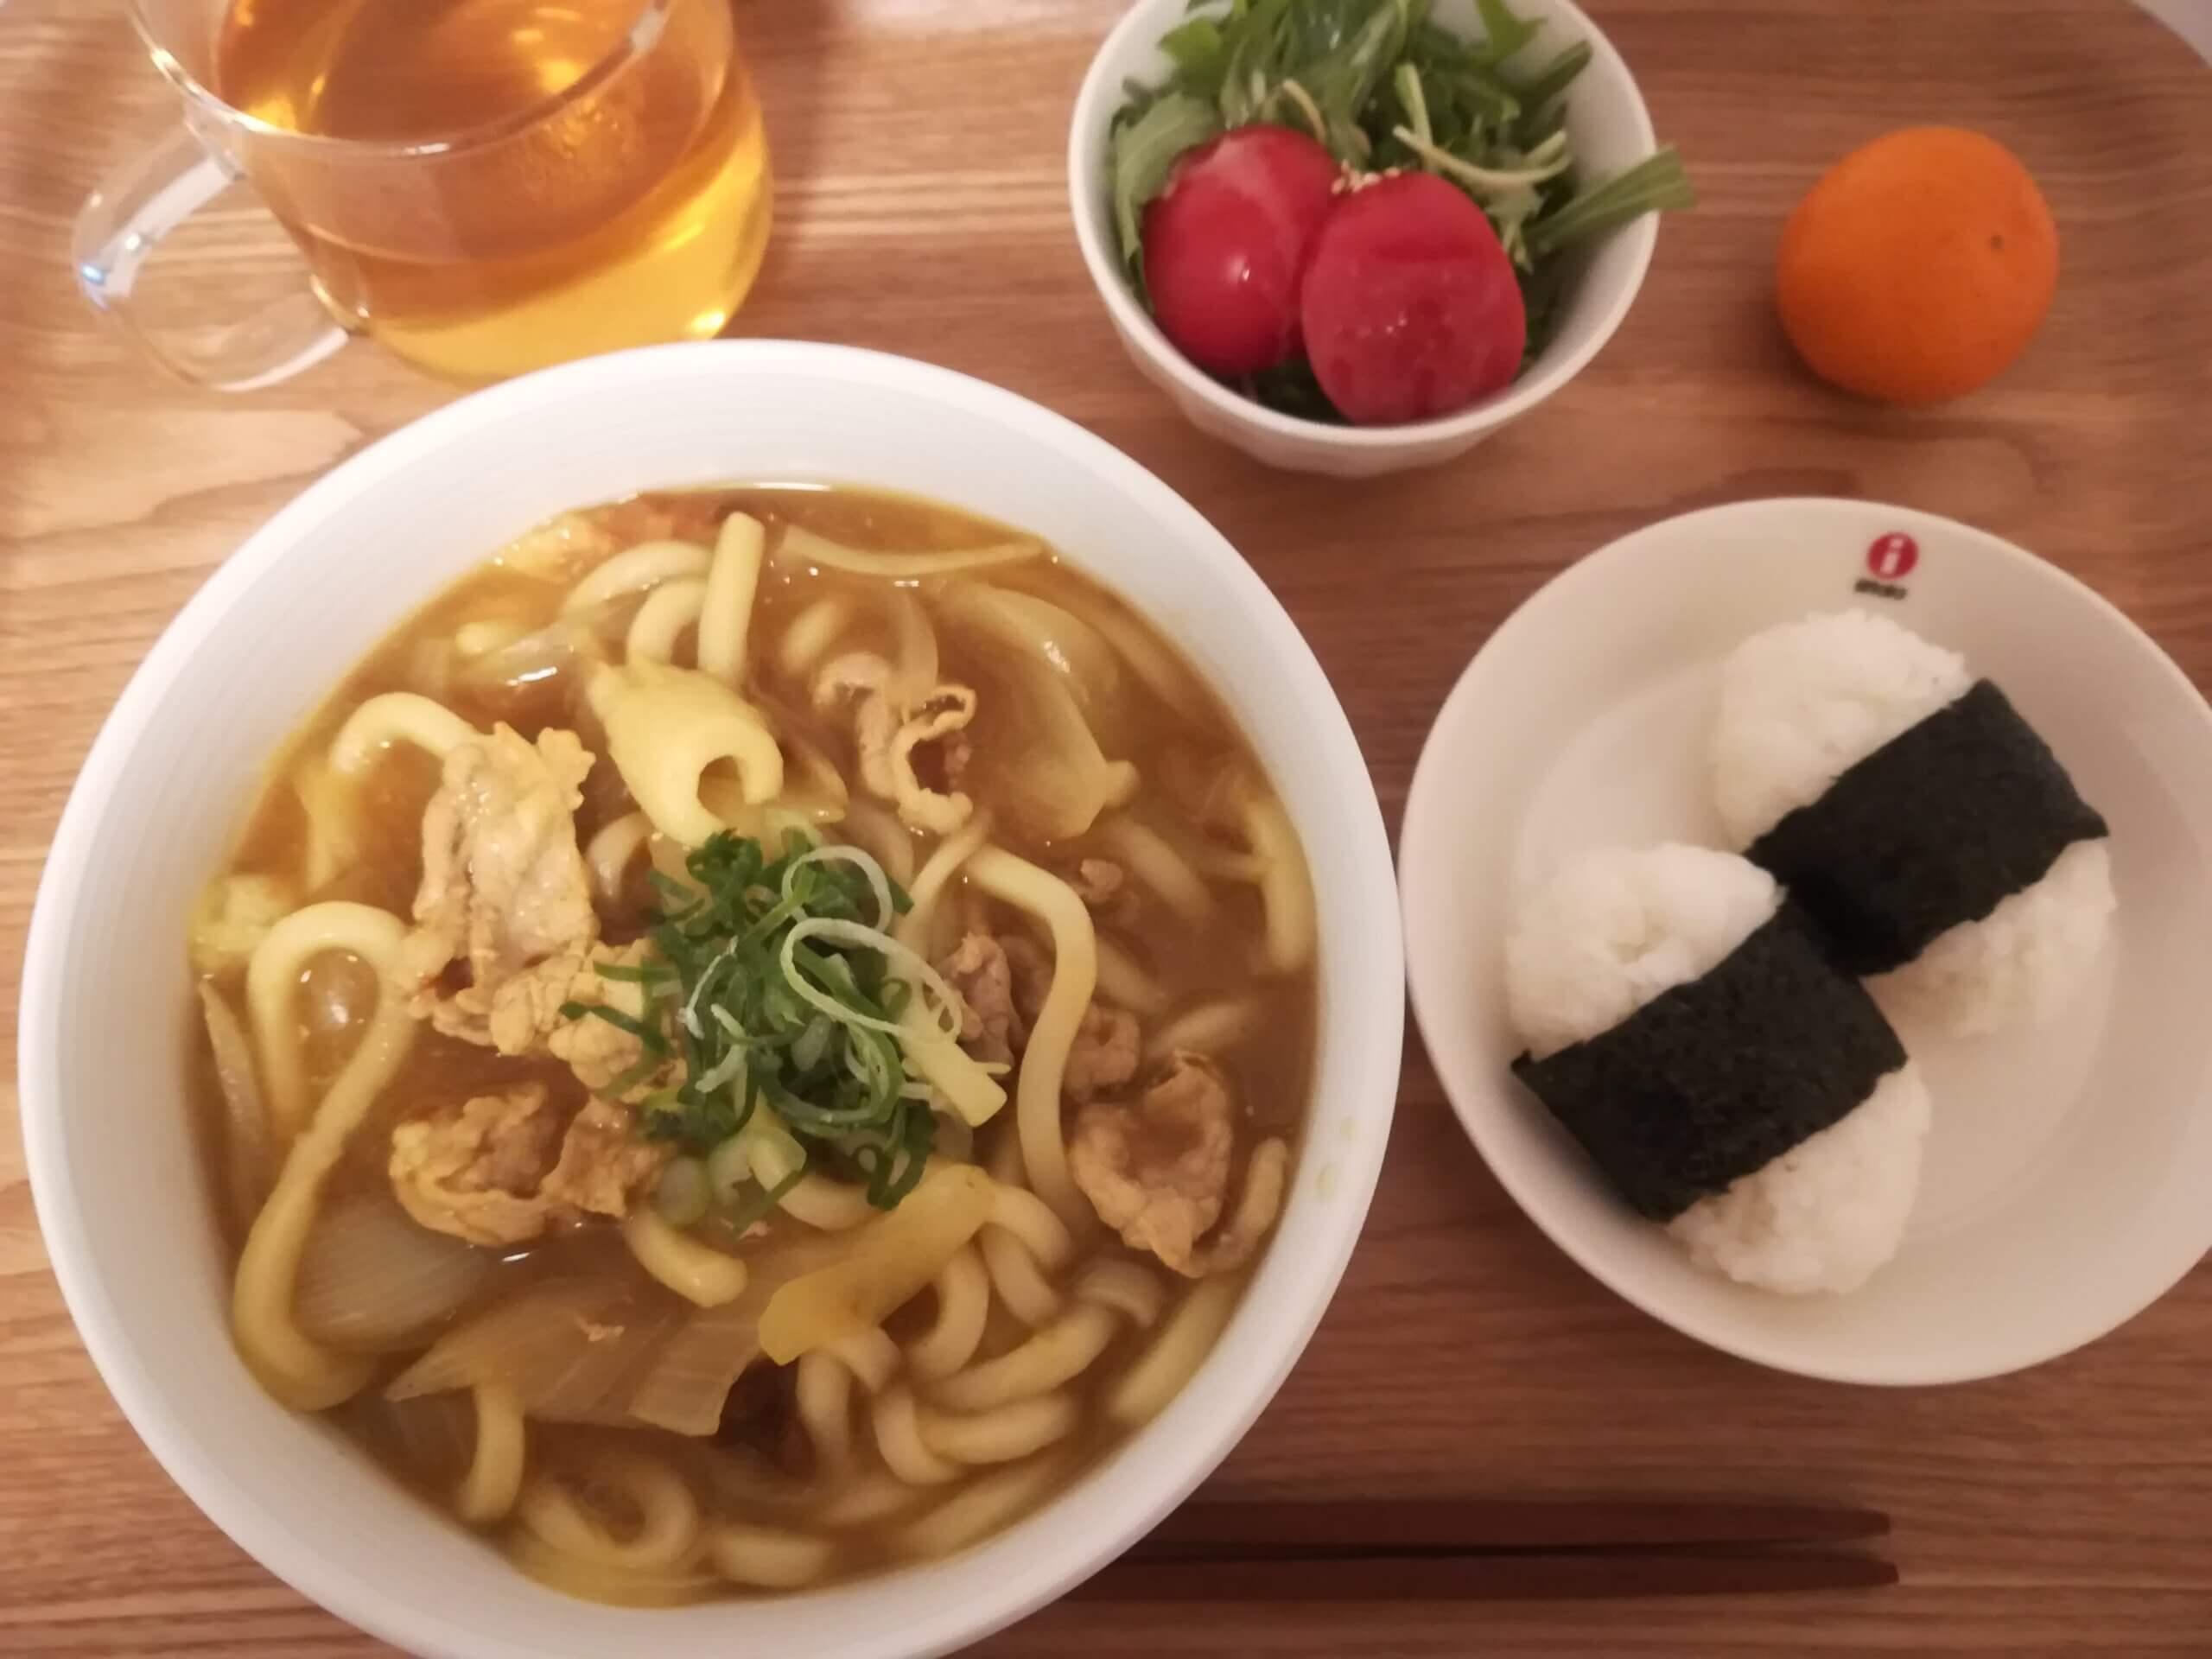 超熟食パン/カレーうどん/バレンタインチョコ